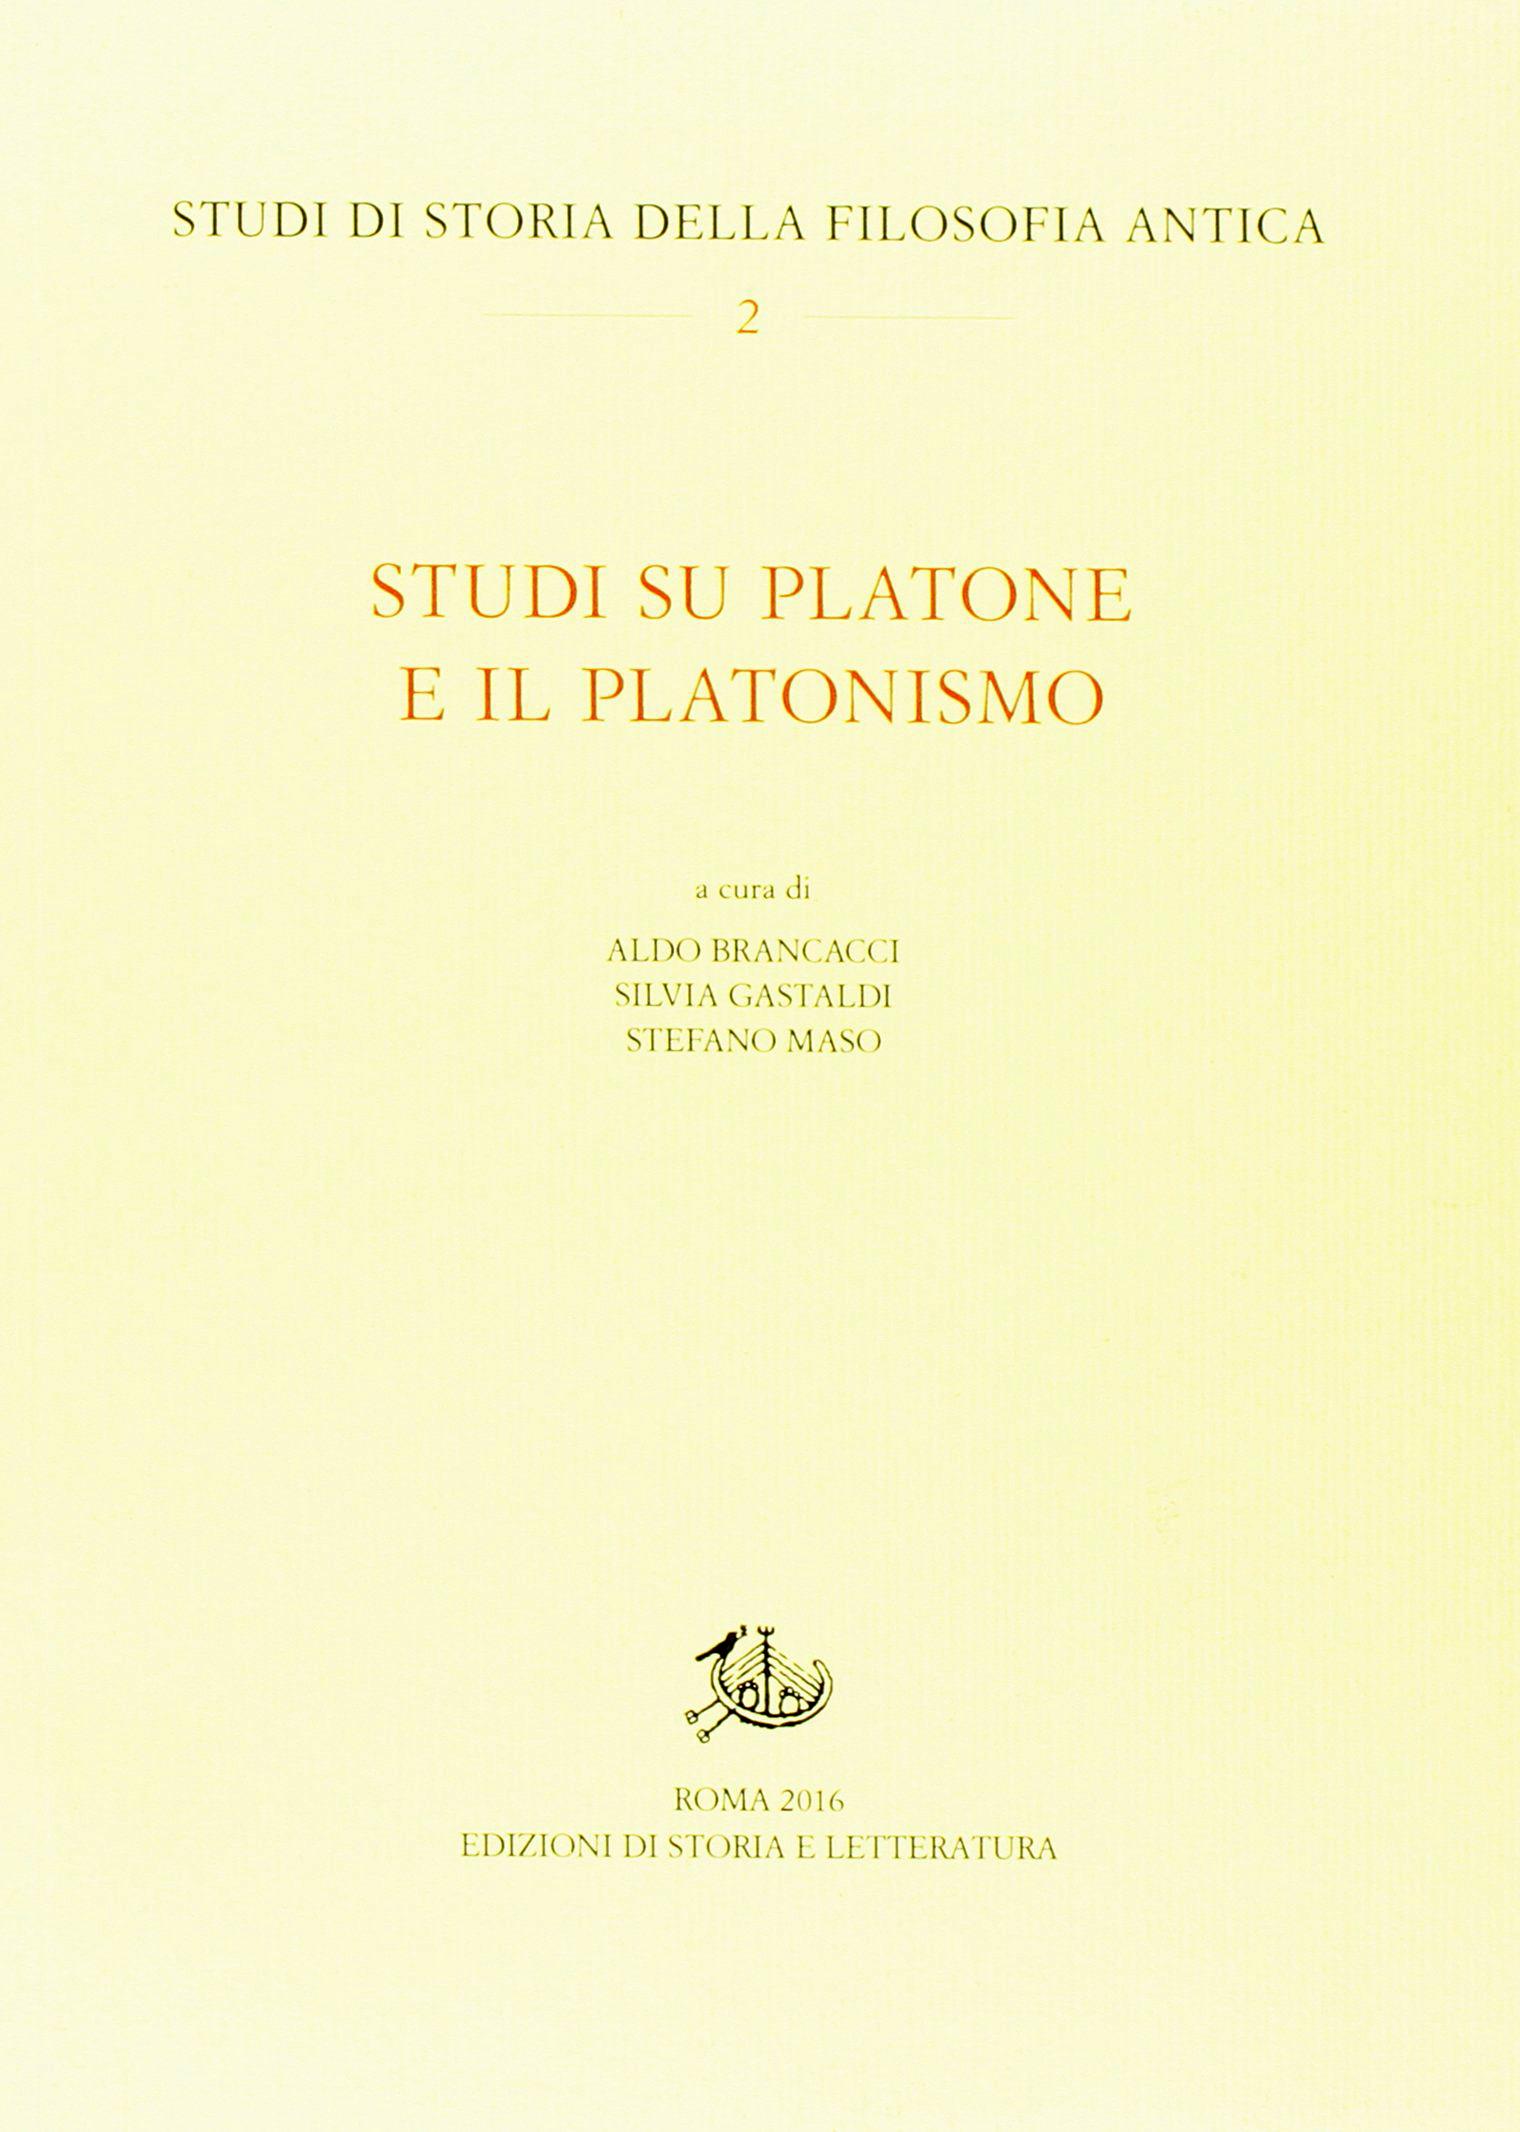 Studi su Platone e il platonismo